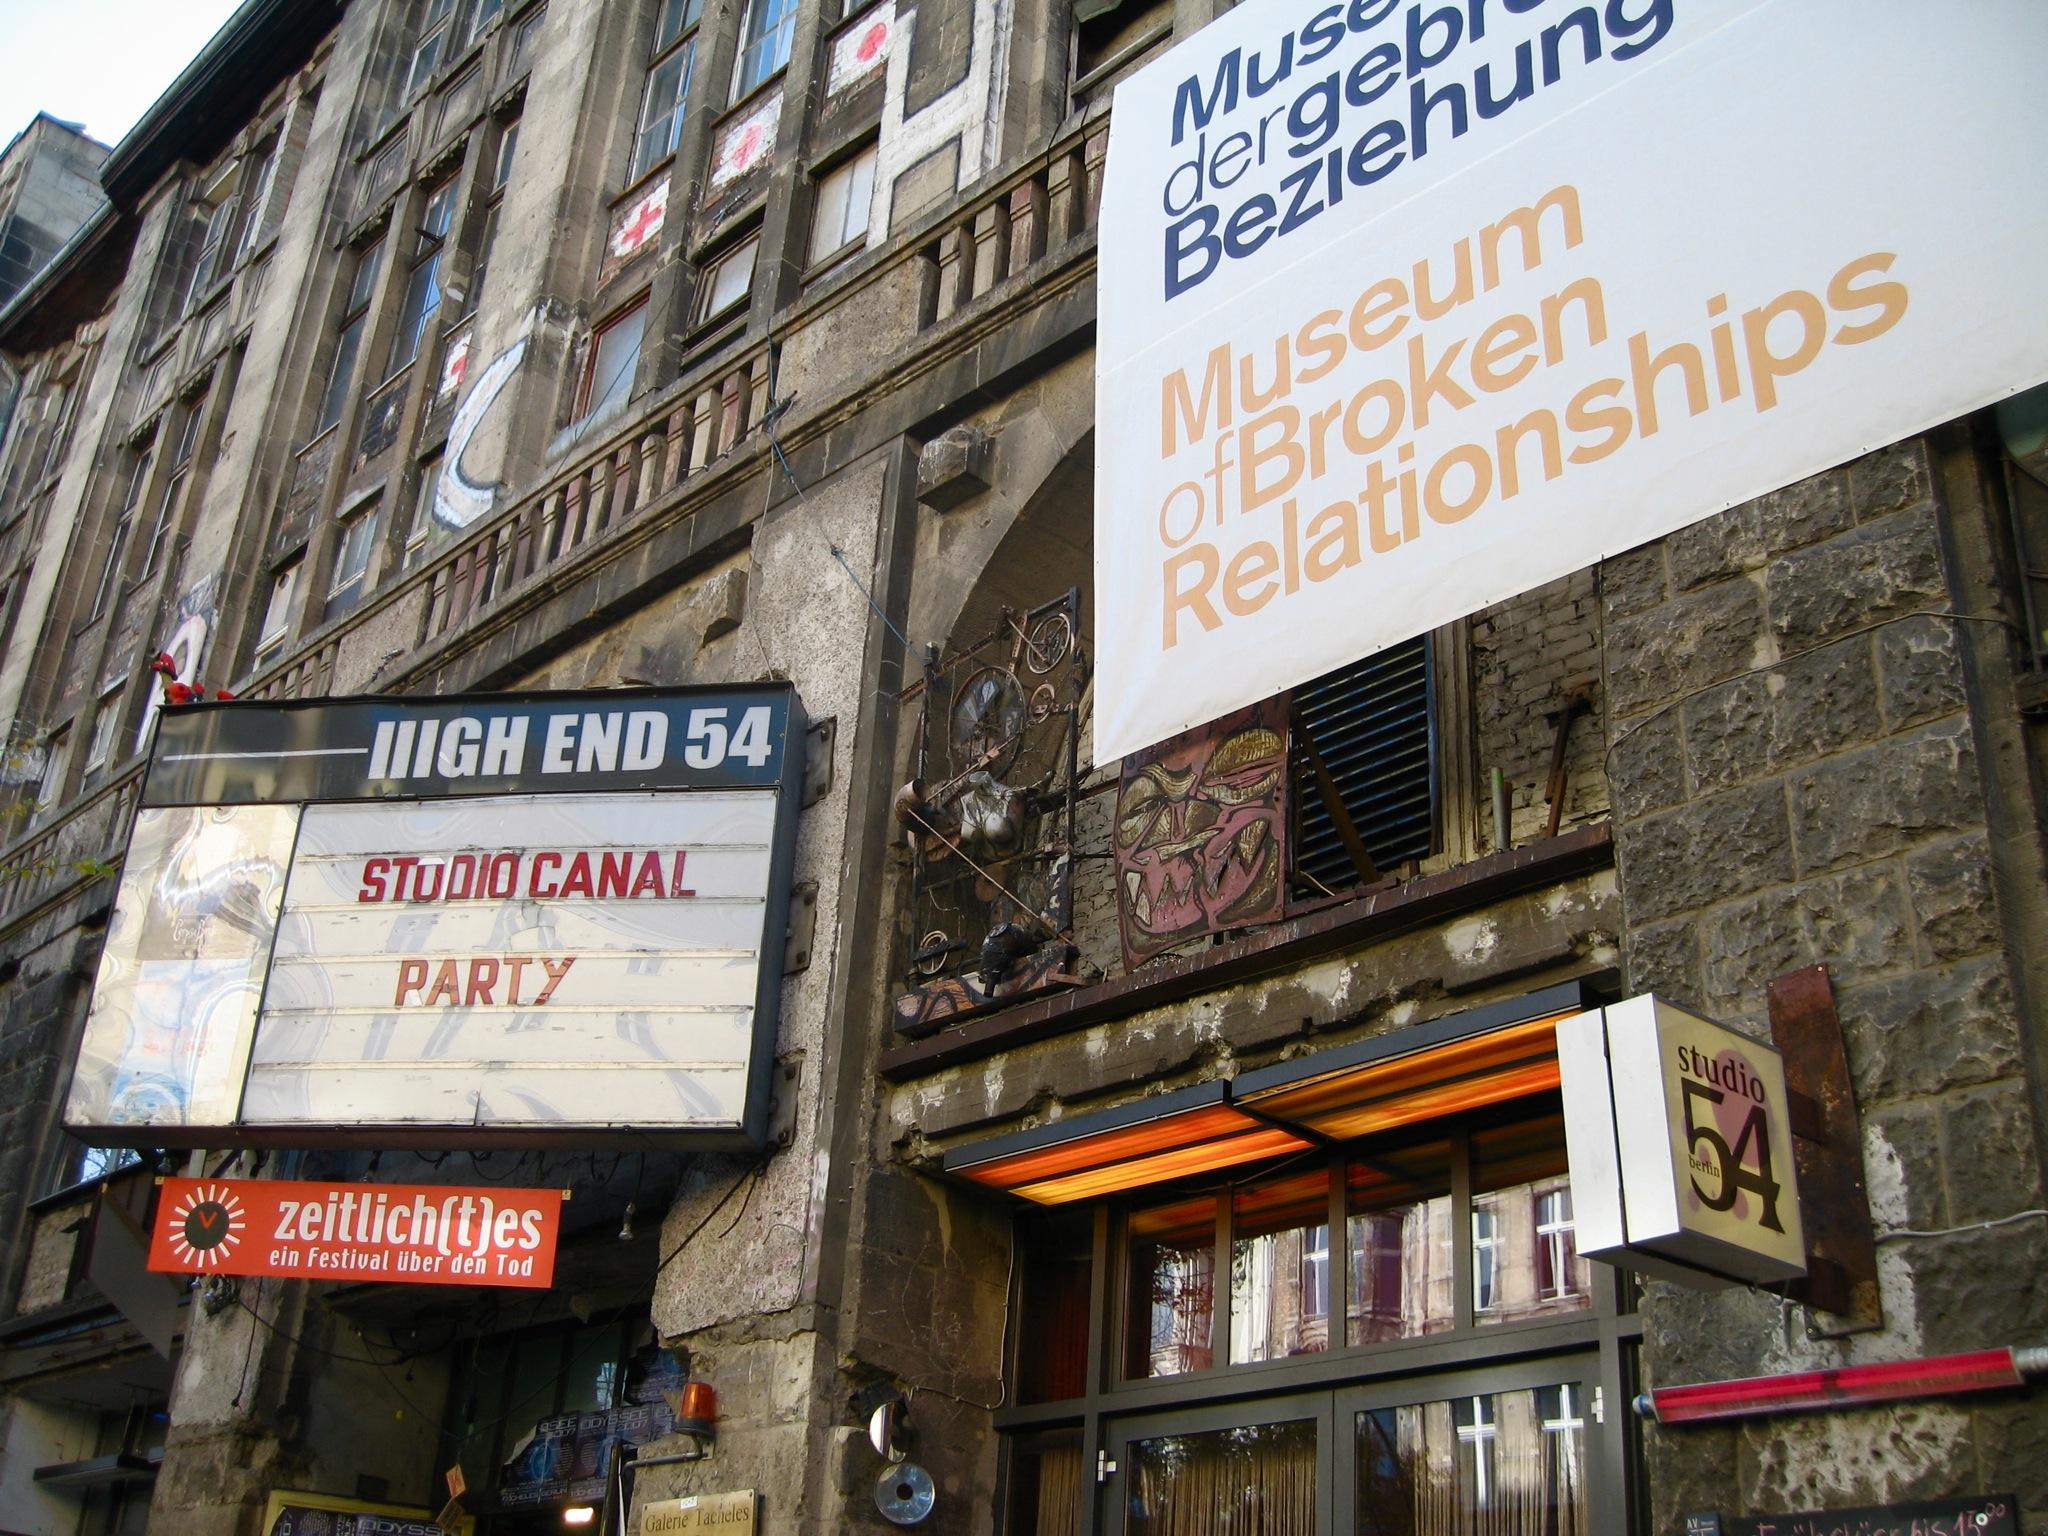 Museum_of_Broken_Relationships_in_Berlin_20071023